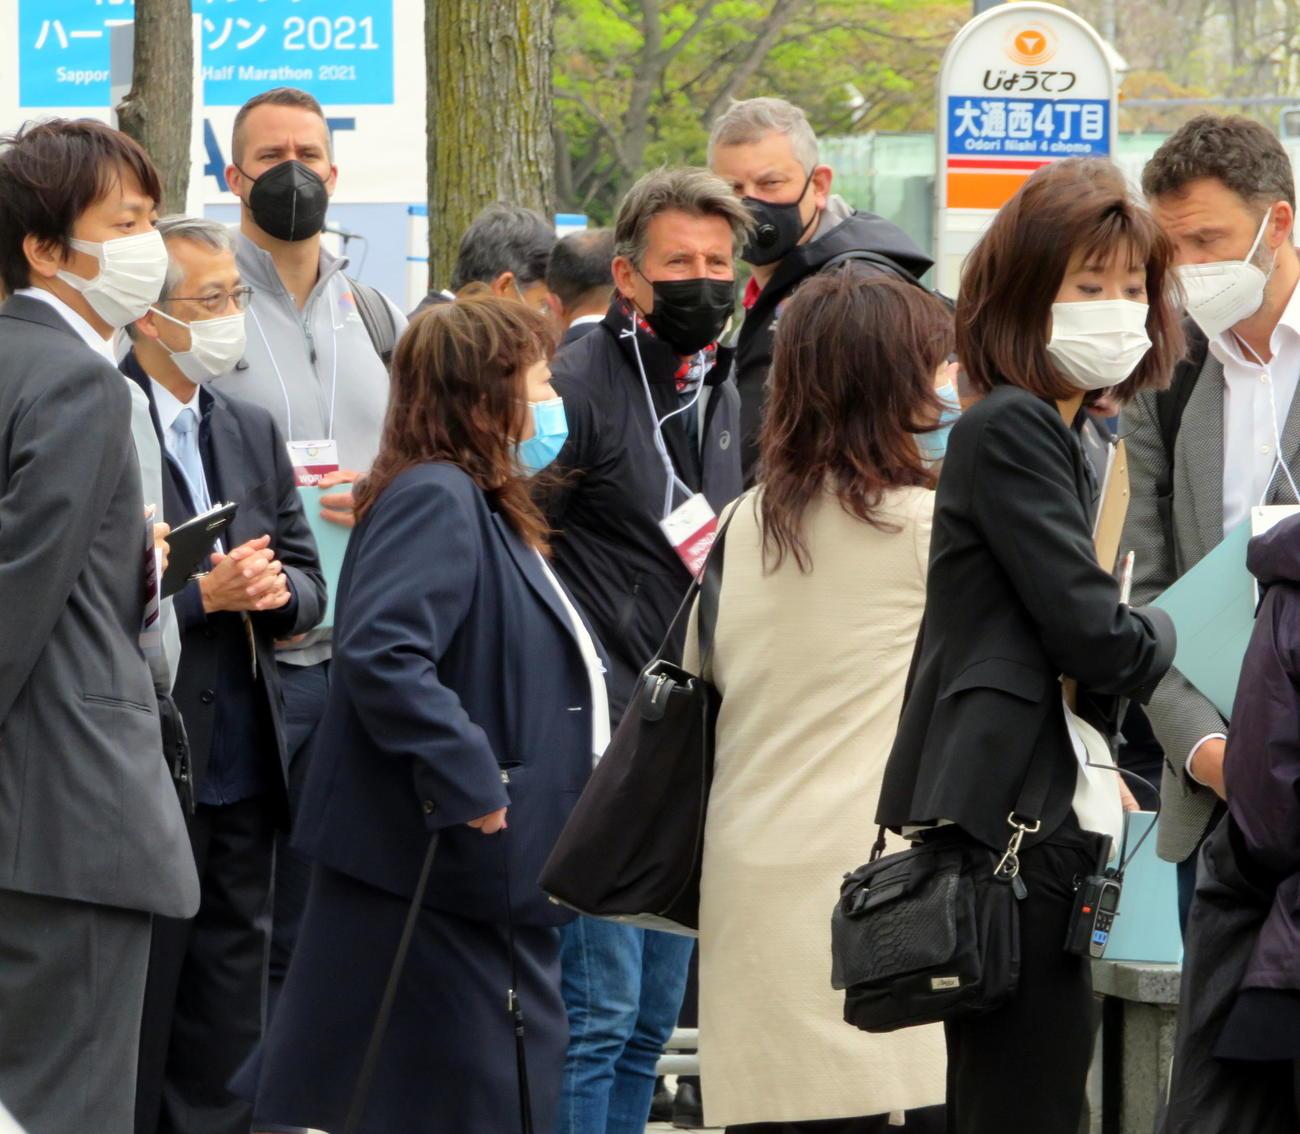 東京五輪マラソンテスト大会でスタート地点を視察するセバスチャン・コー会長(中央の黒いマスク姿)(撮影・三須一紀)